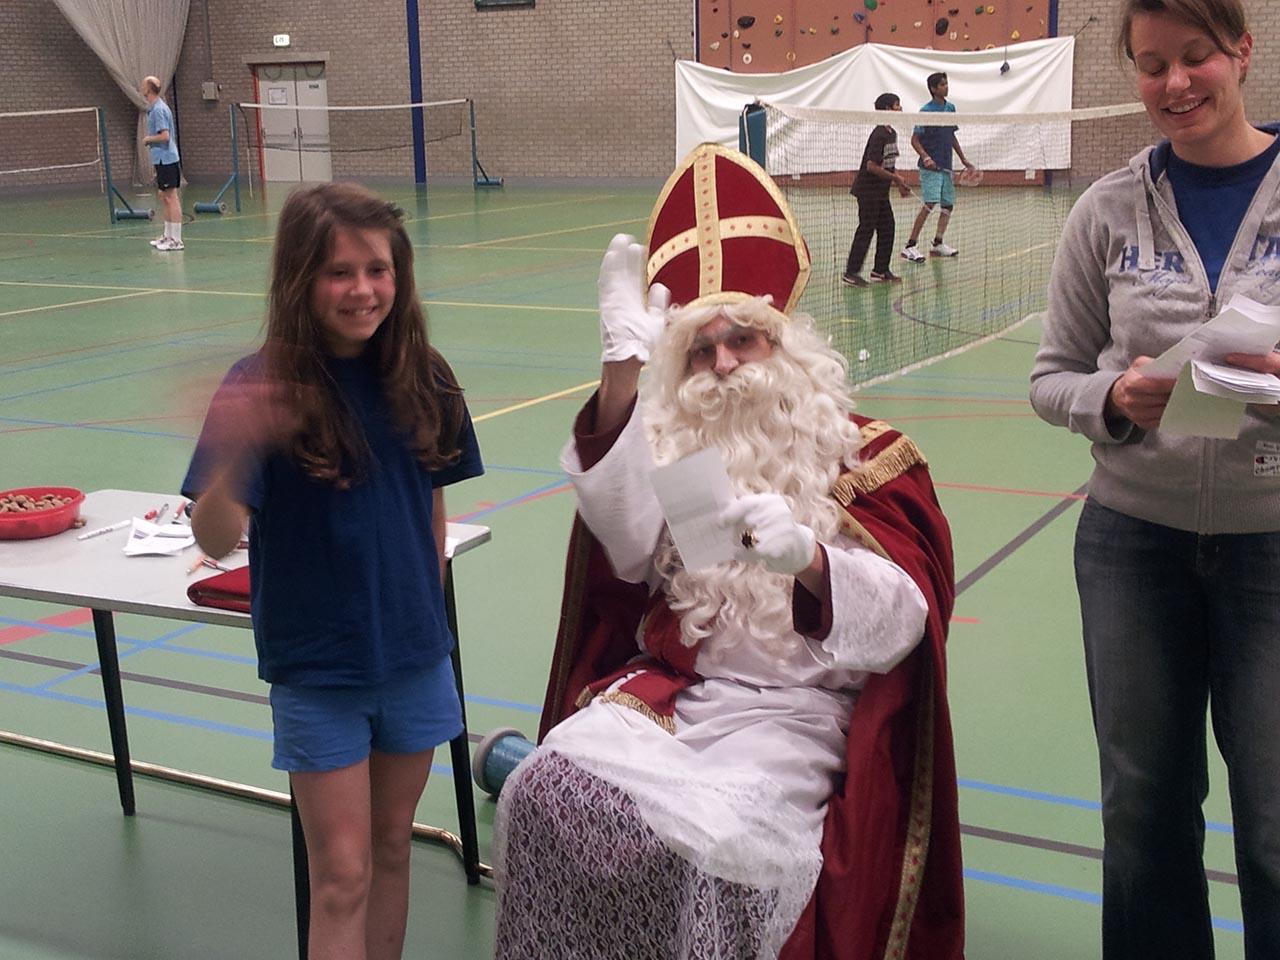 Tja, de Sint speelt ook badminton